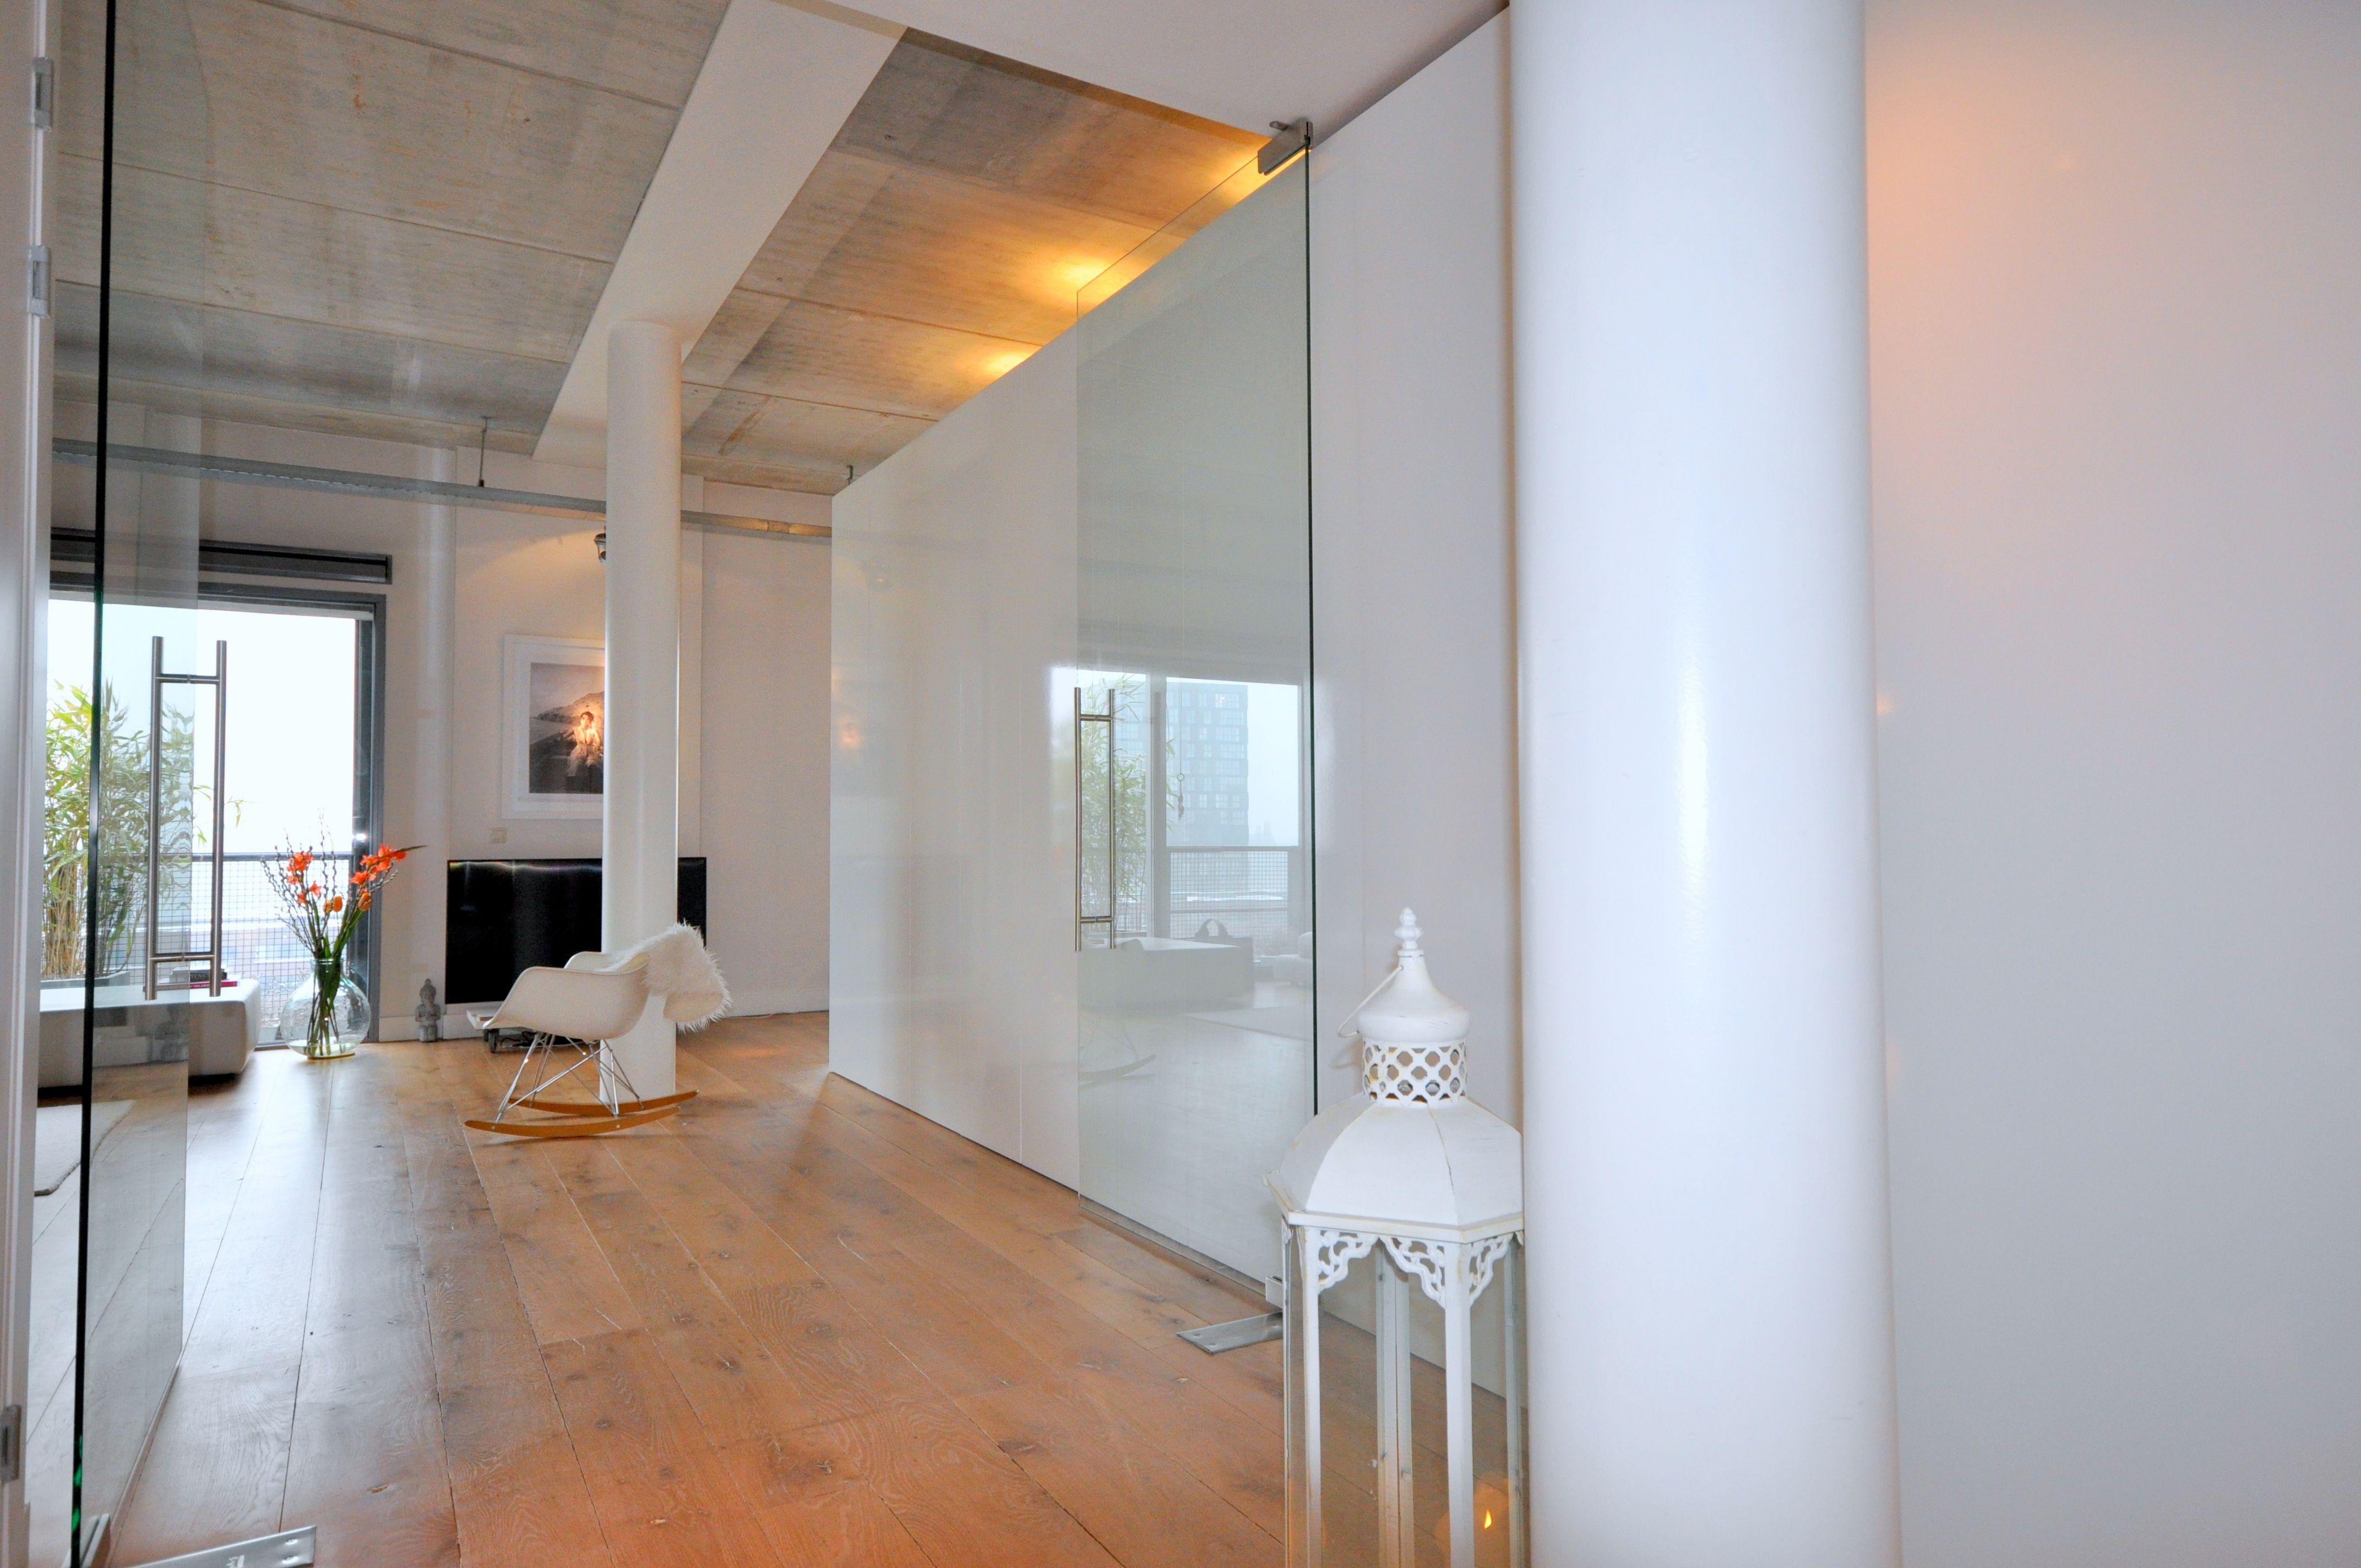 Frank Weil - Interieur verbouwd pakhuis - hoogglans wit kastenblok ...